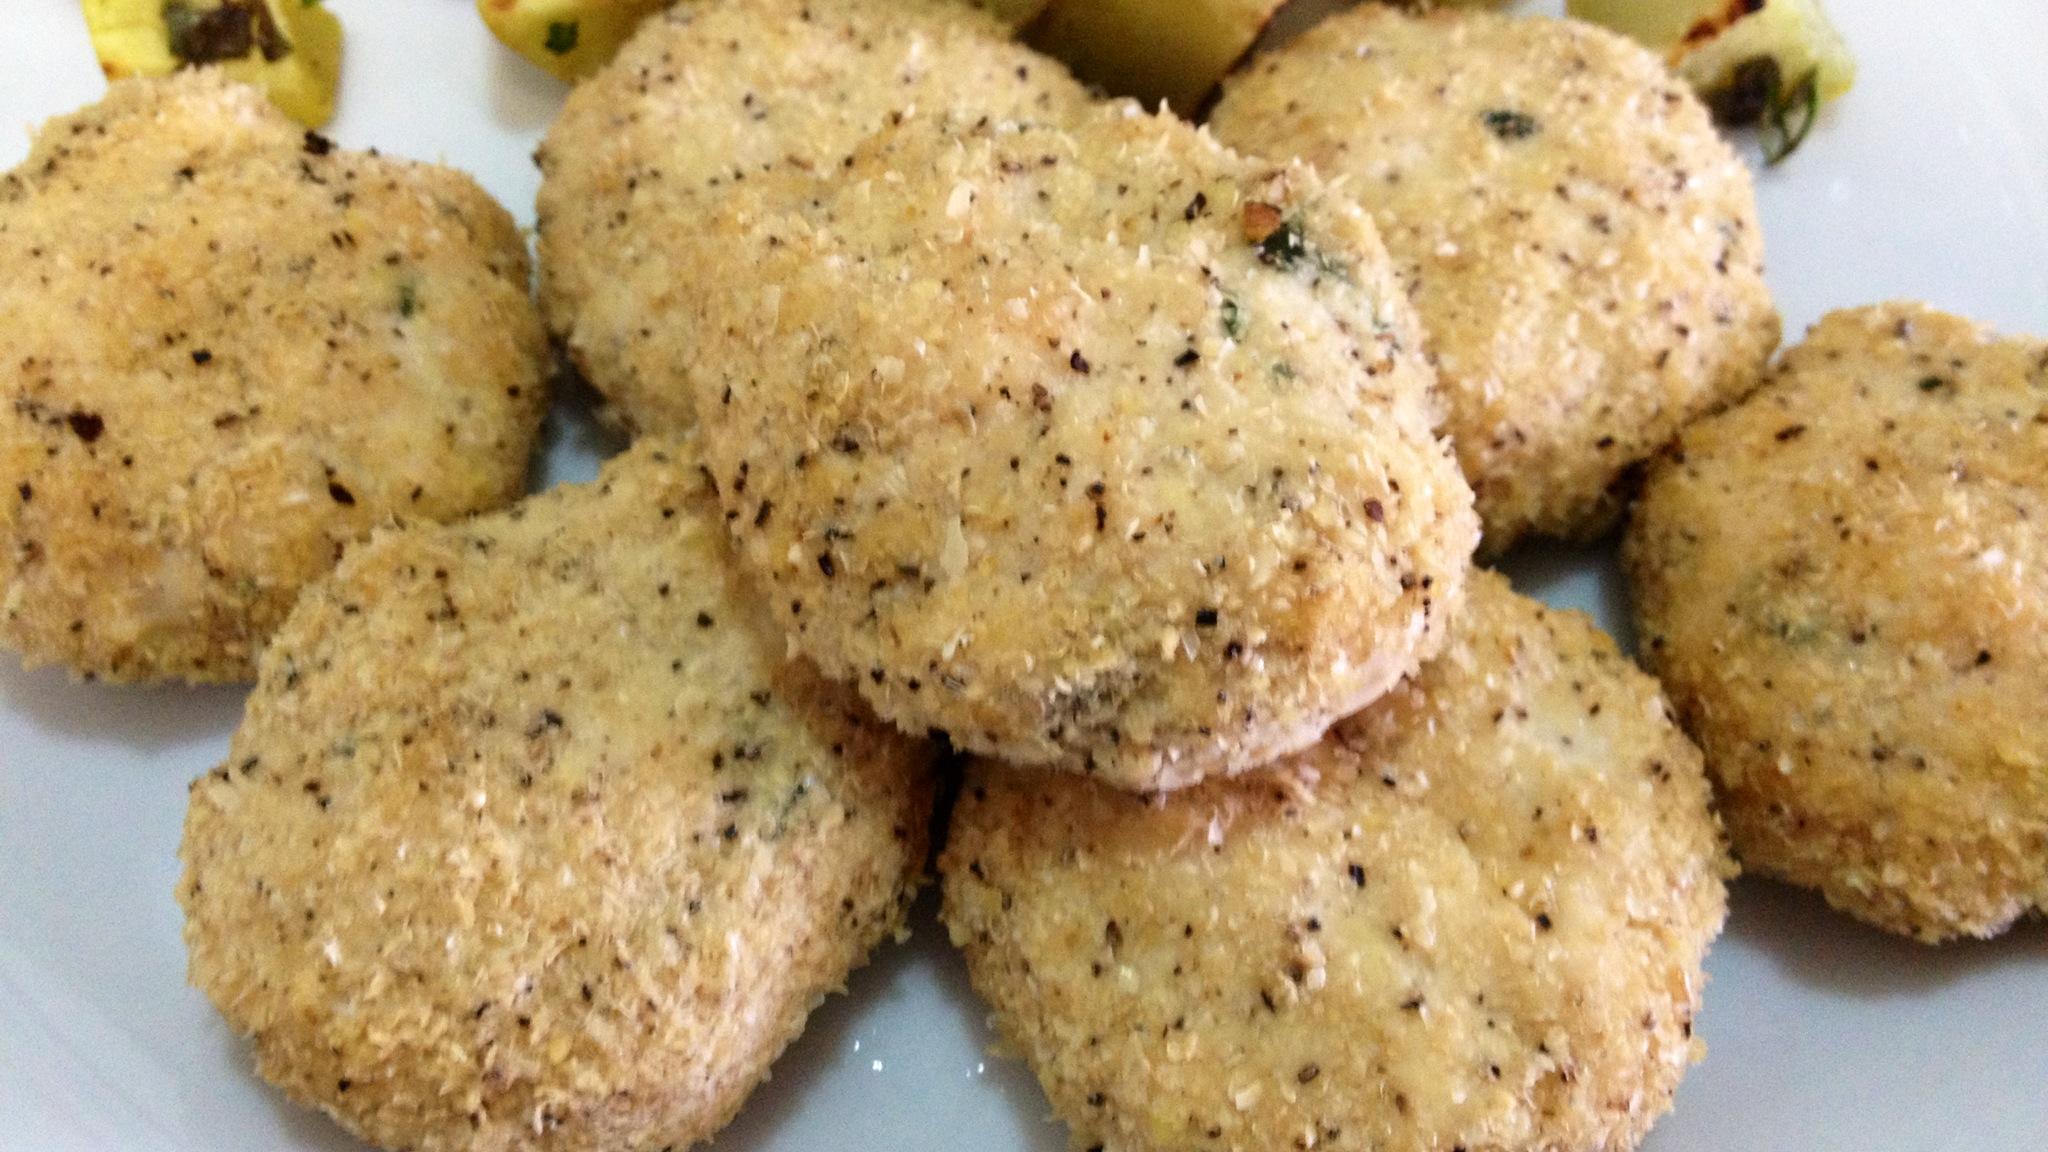 Frango delicioso - Empanadinhos de frango